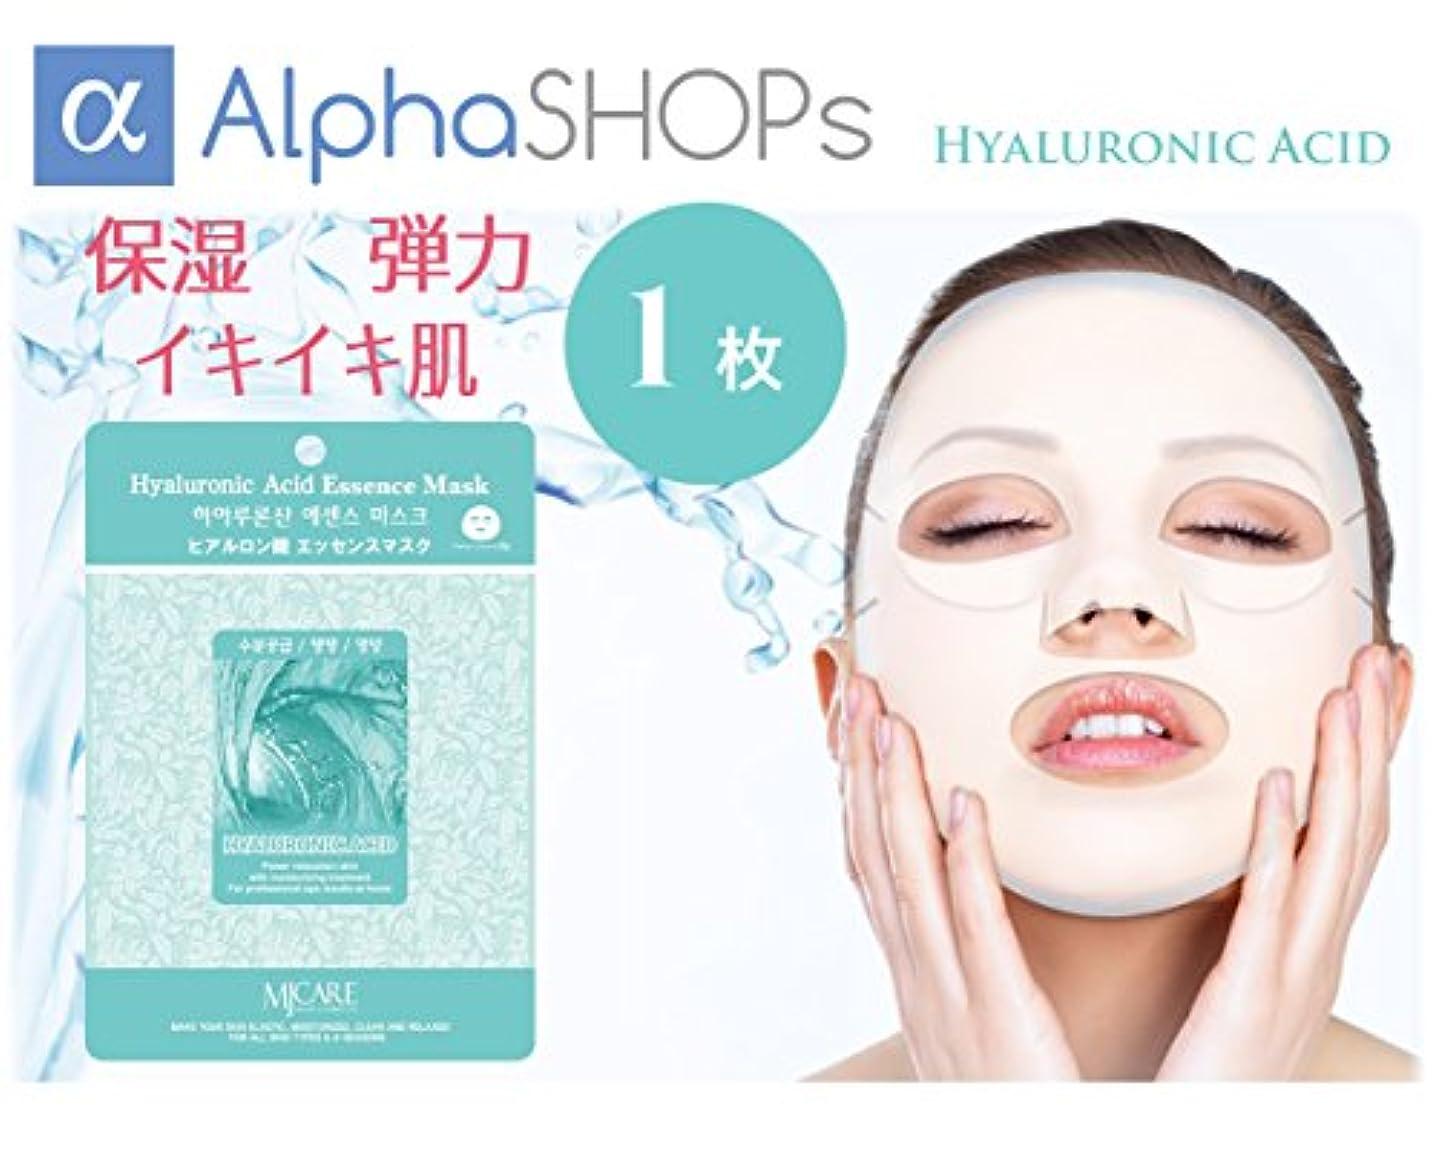 確保する所有権キャプションシートマスク パック 1枚単品 ヒアルロン酸 エッセンスマスク 韓国コスメ MIJIN(ミジン)